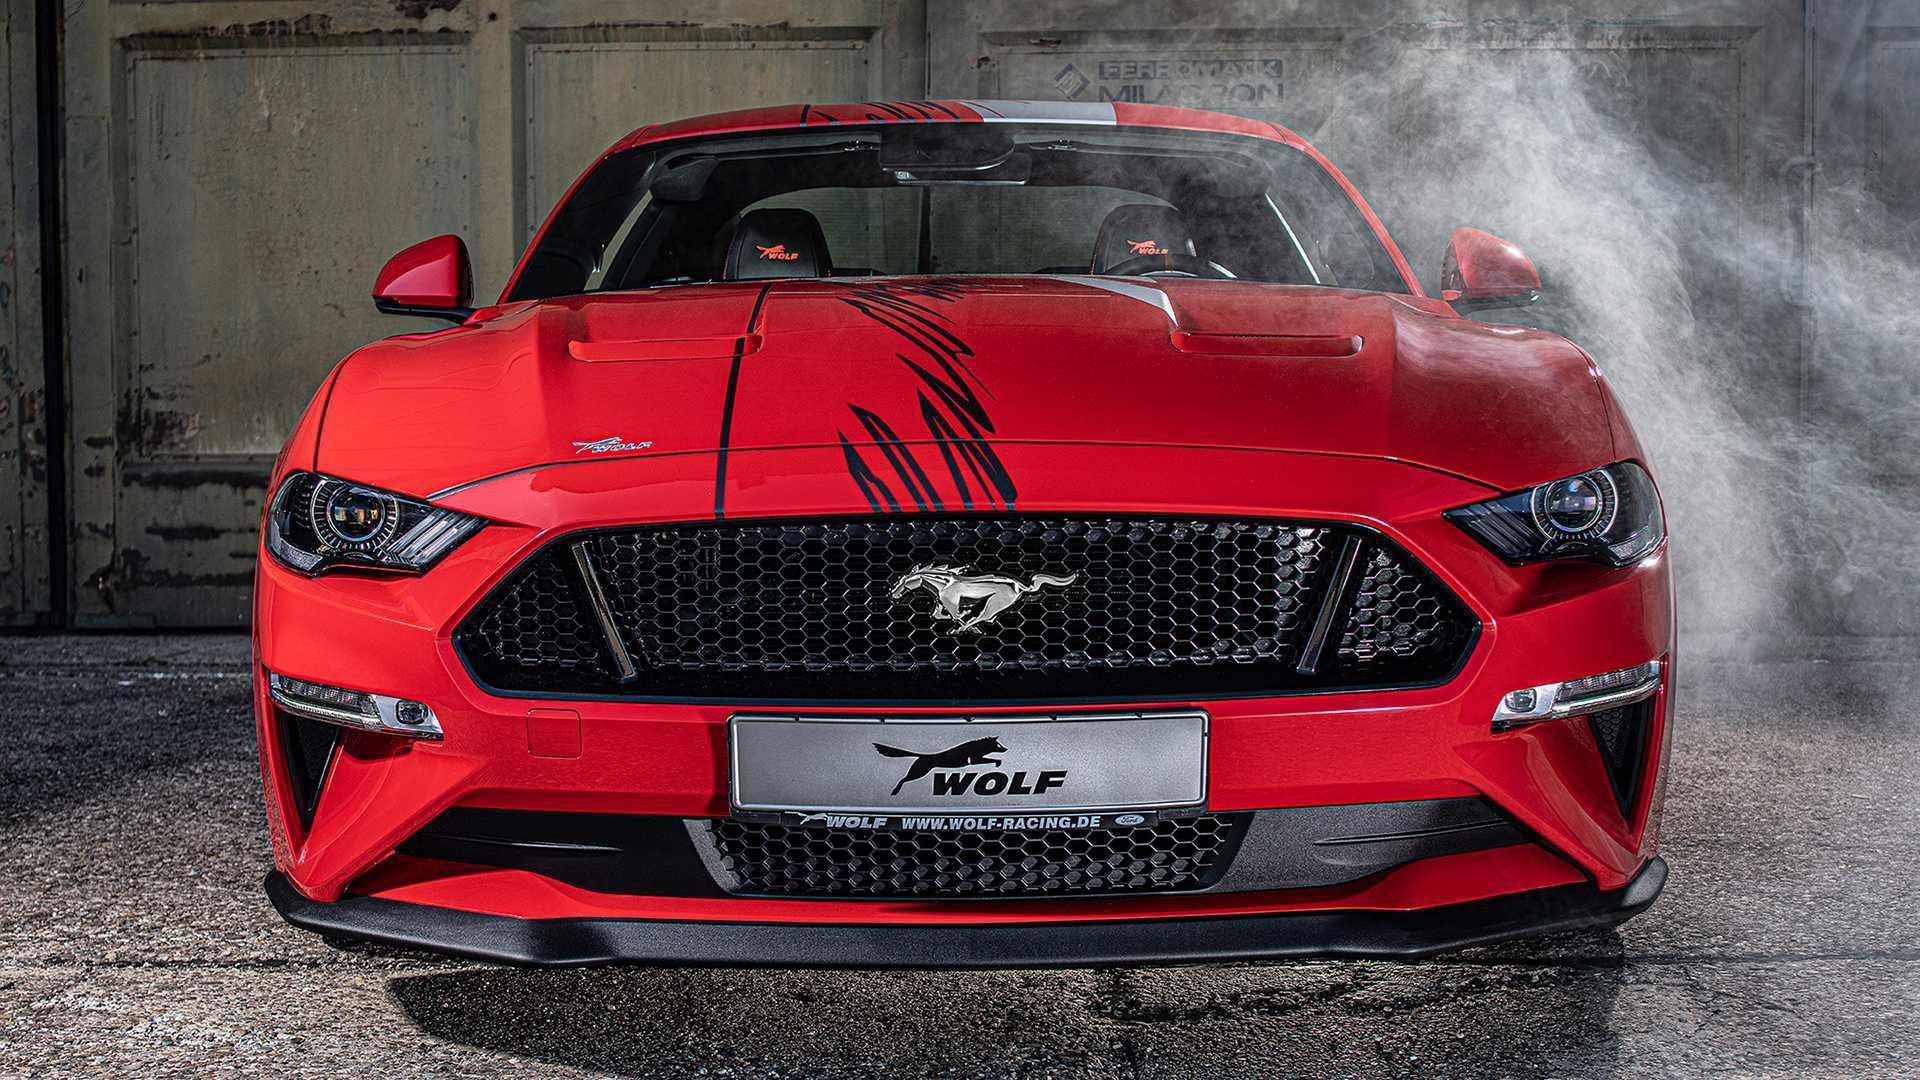 Ford Mustang được nâng cấp với gói độ mạnh mẽ hơn 700 mã lực Ảnh 2